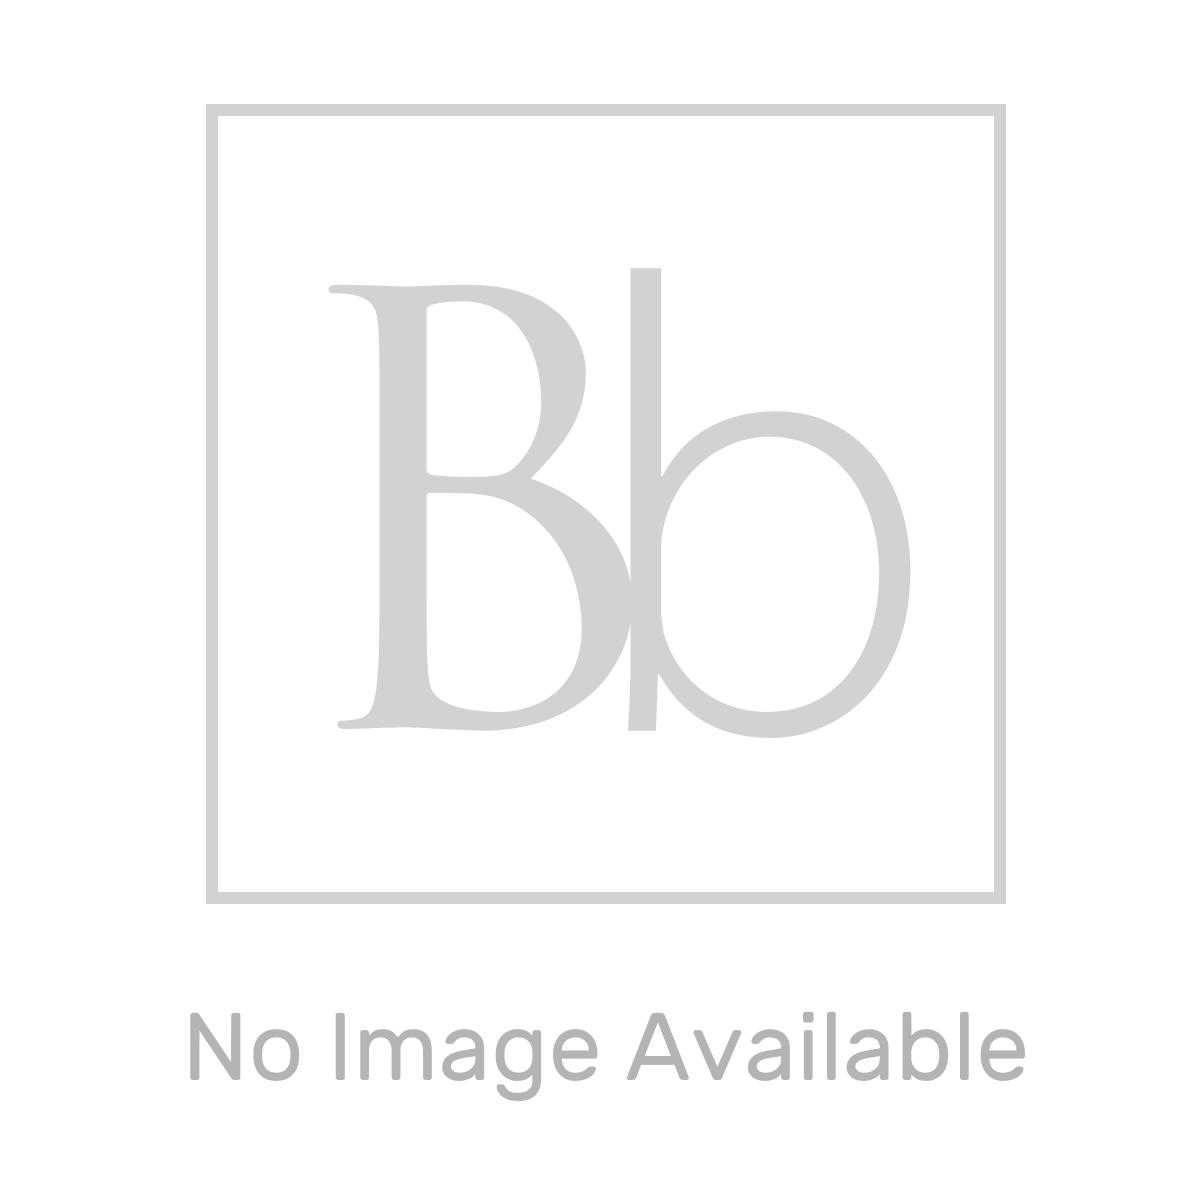 Nuie Blocks Satin Blue 2 Door Floor Standing Vanity Unit  with 50mm Profile Basin 600mm